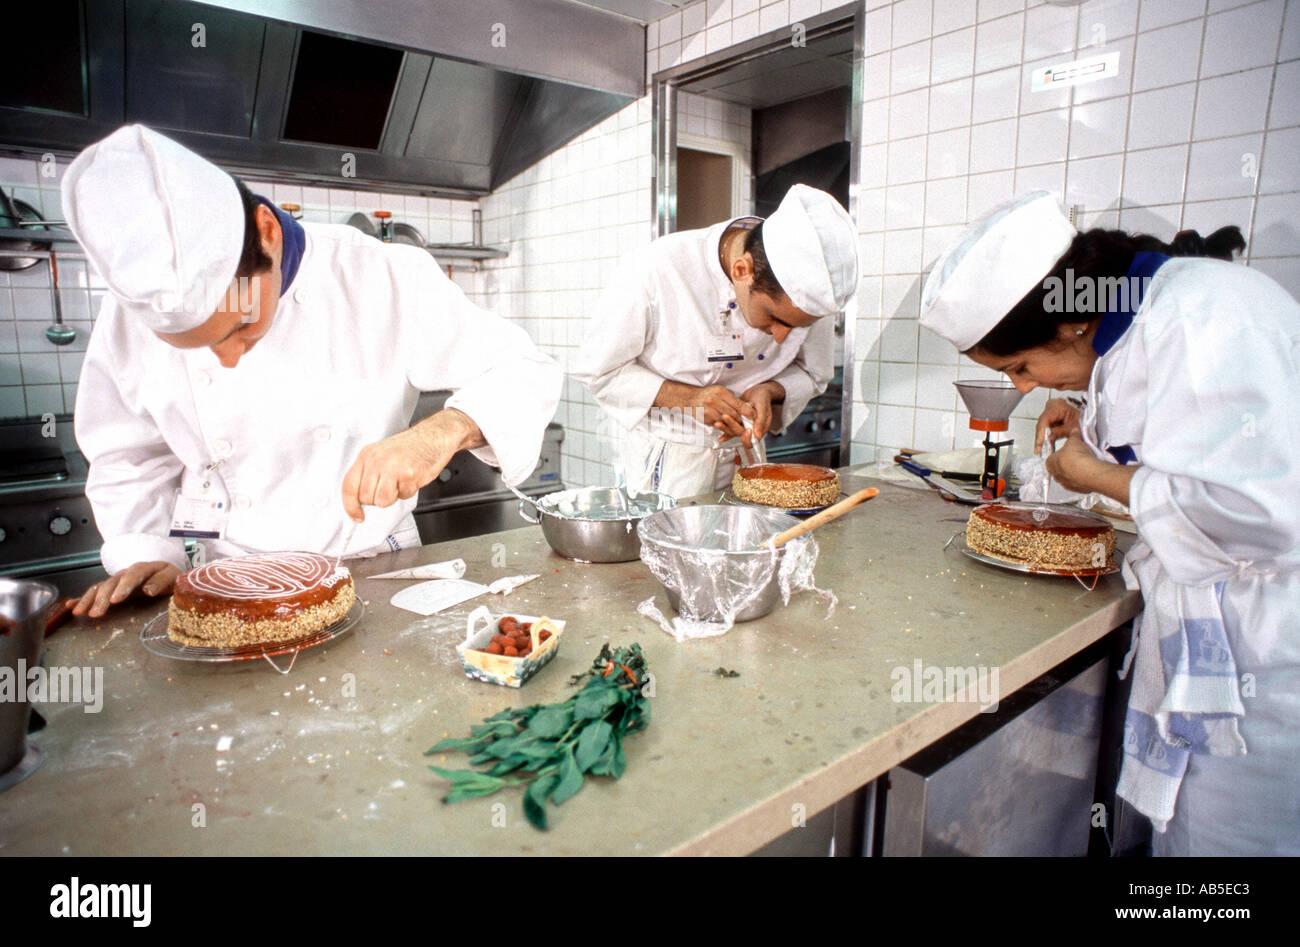 100 Fantastique Concepts Etude De Cuisine En France